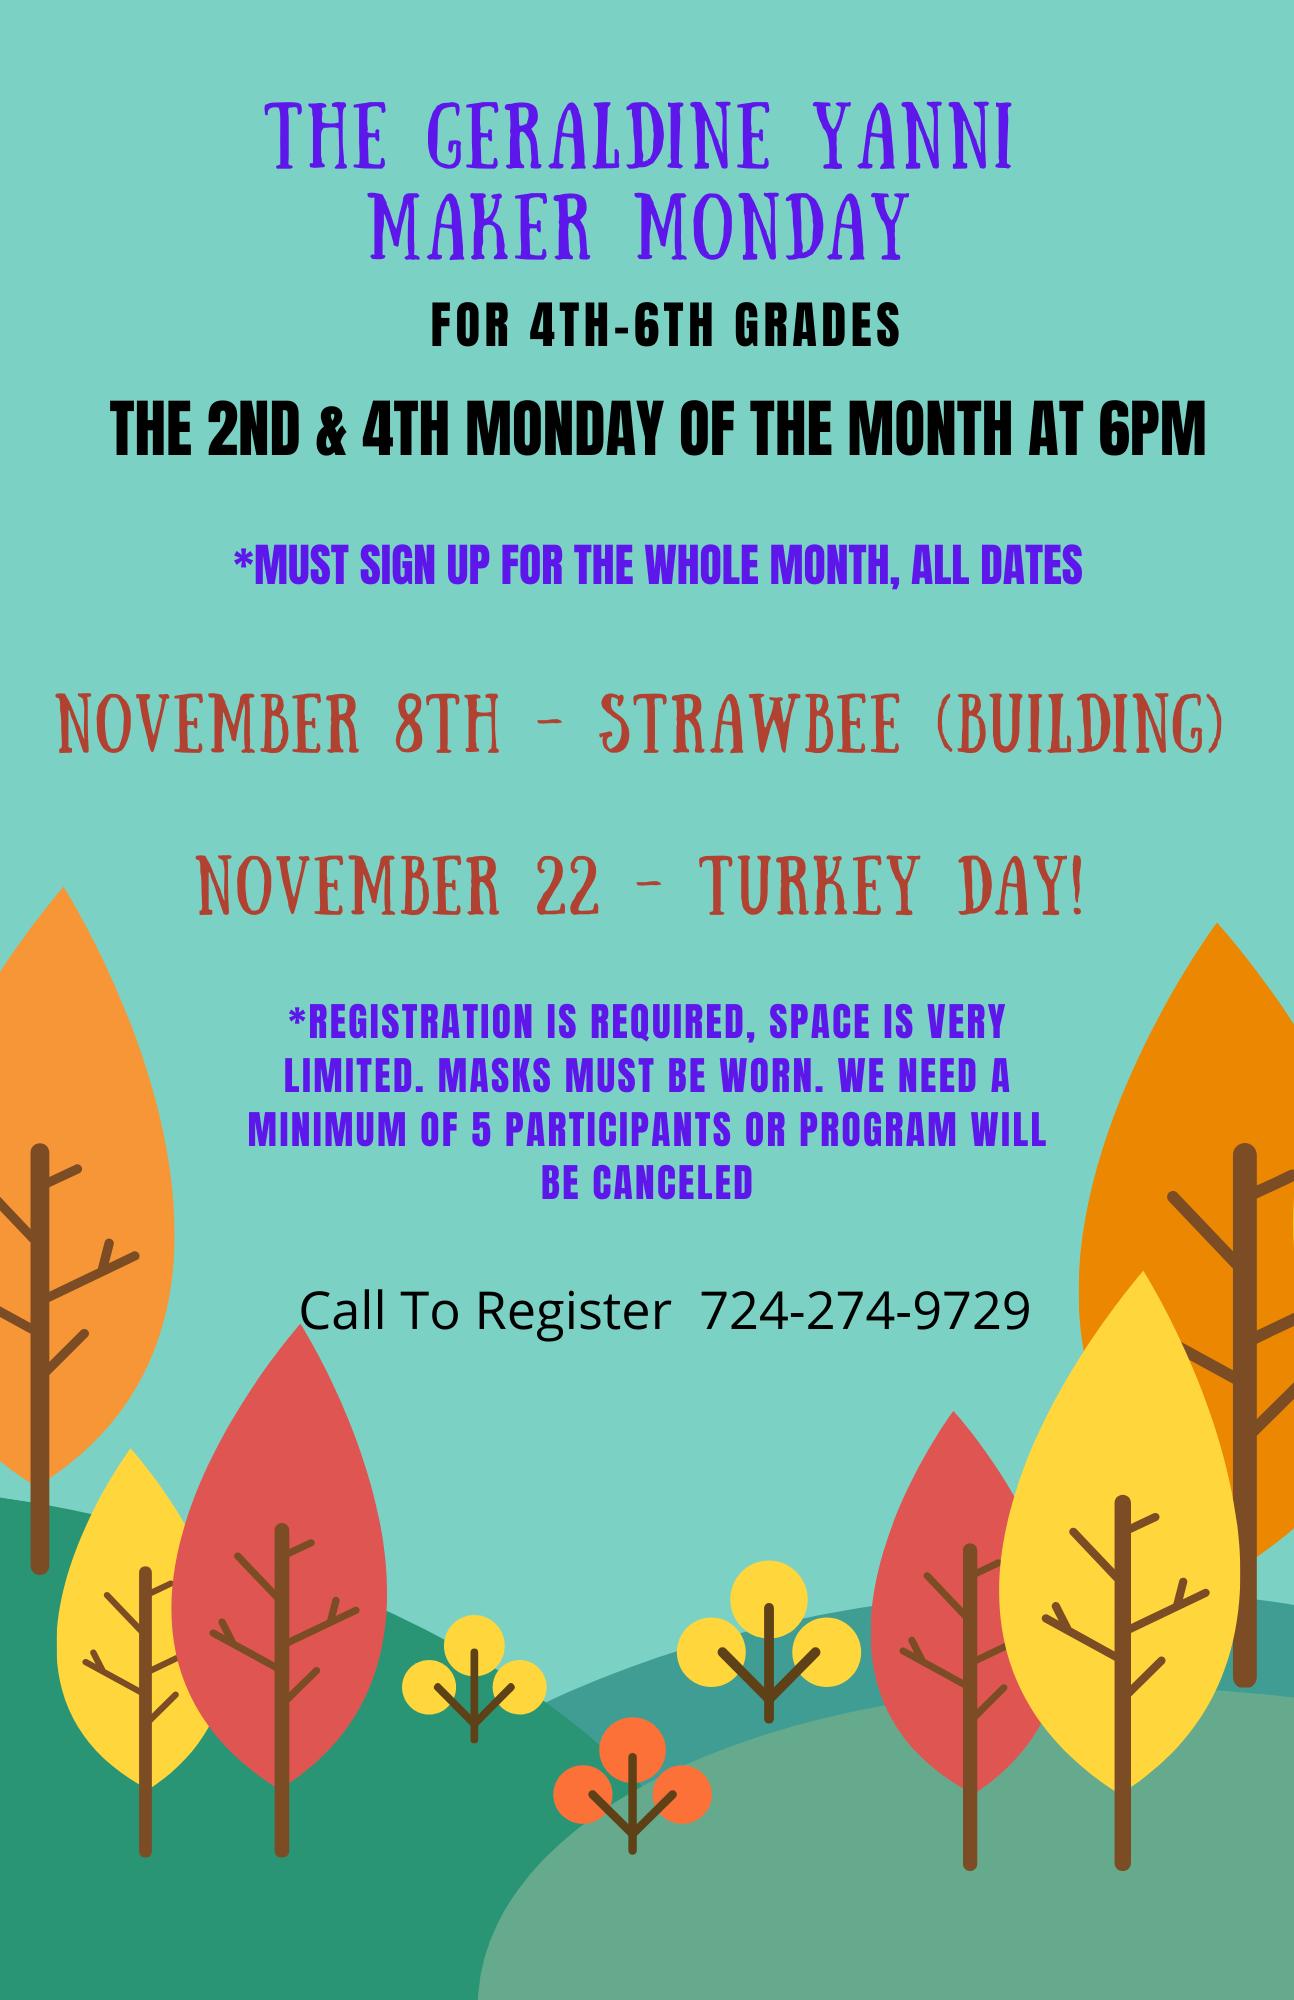 November's Geraldine Yanni Maker Mondays